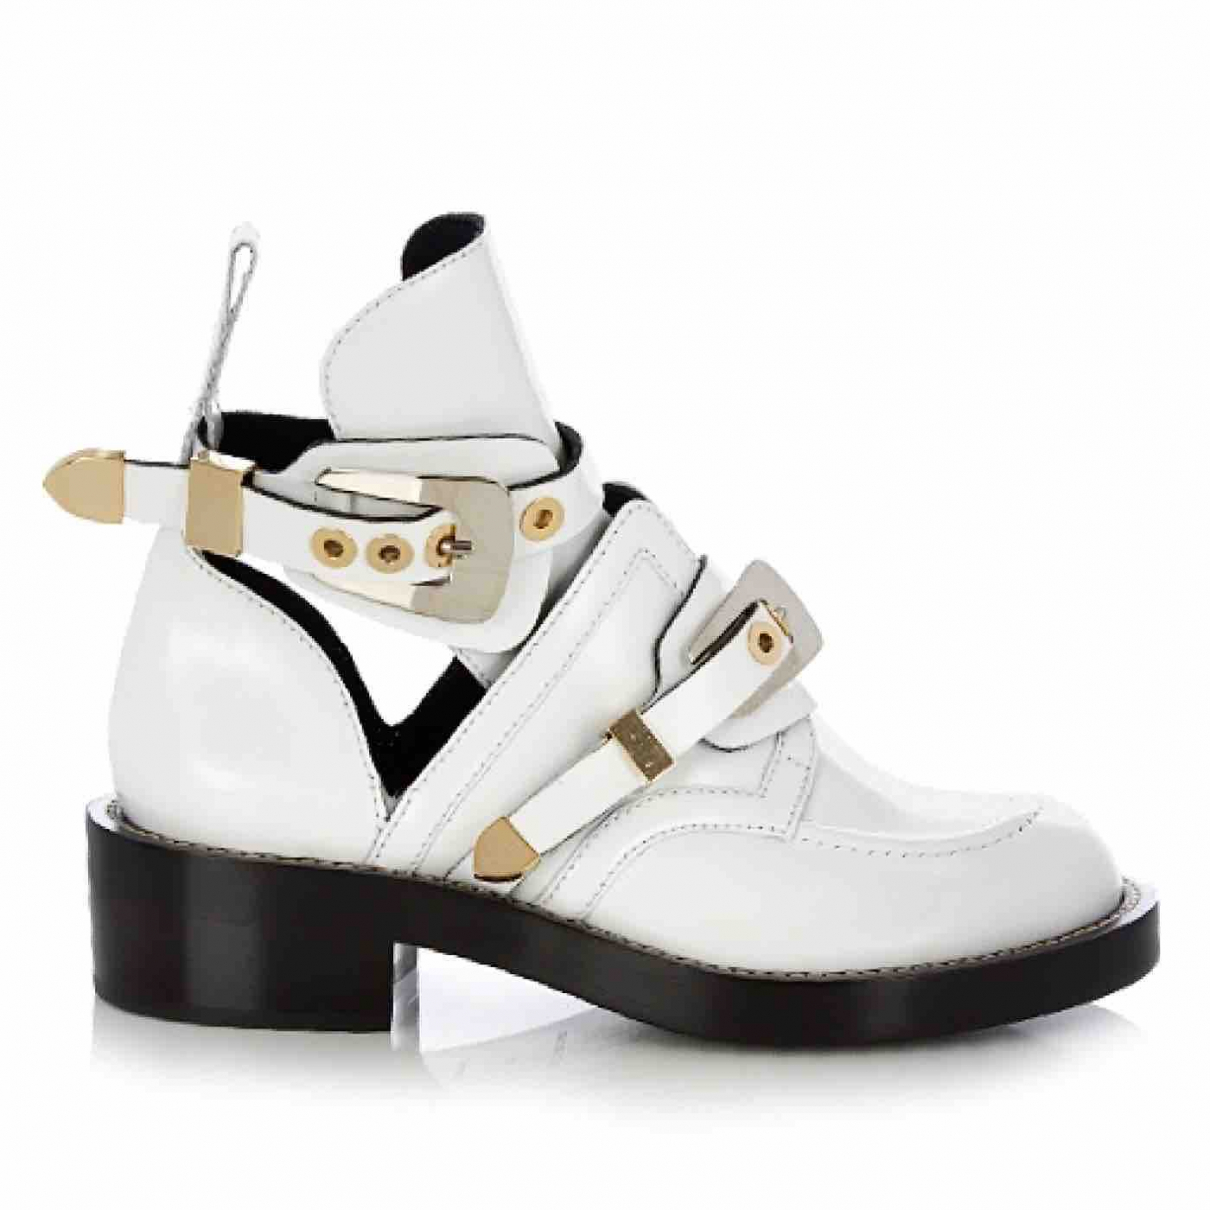 Balenciaga Ceinture White Leather Ankle boots for Women 40 EU